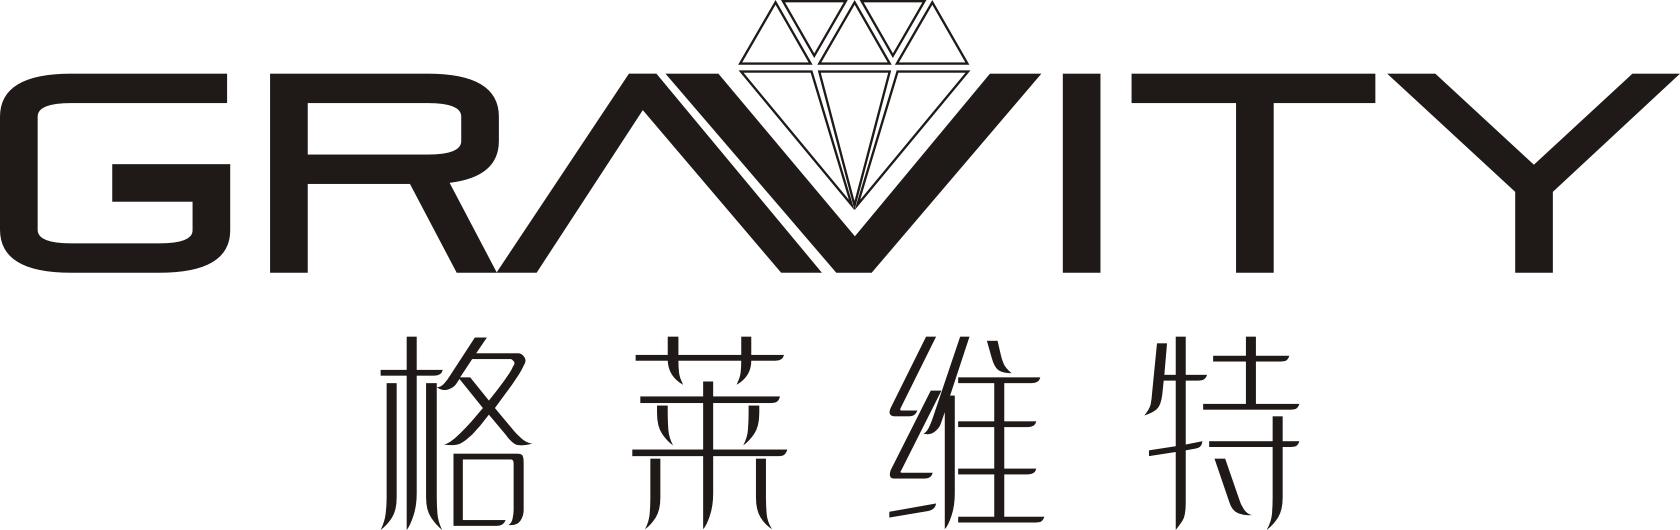 Shenzhen Gravity Trading Co., Ltd logo